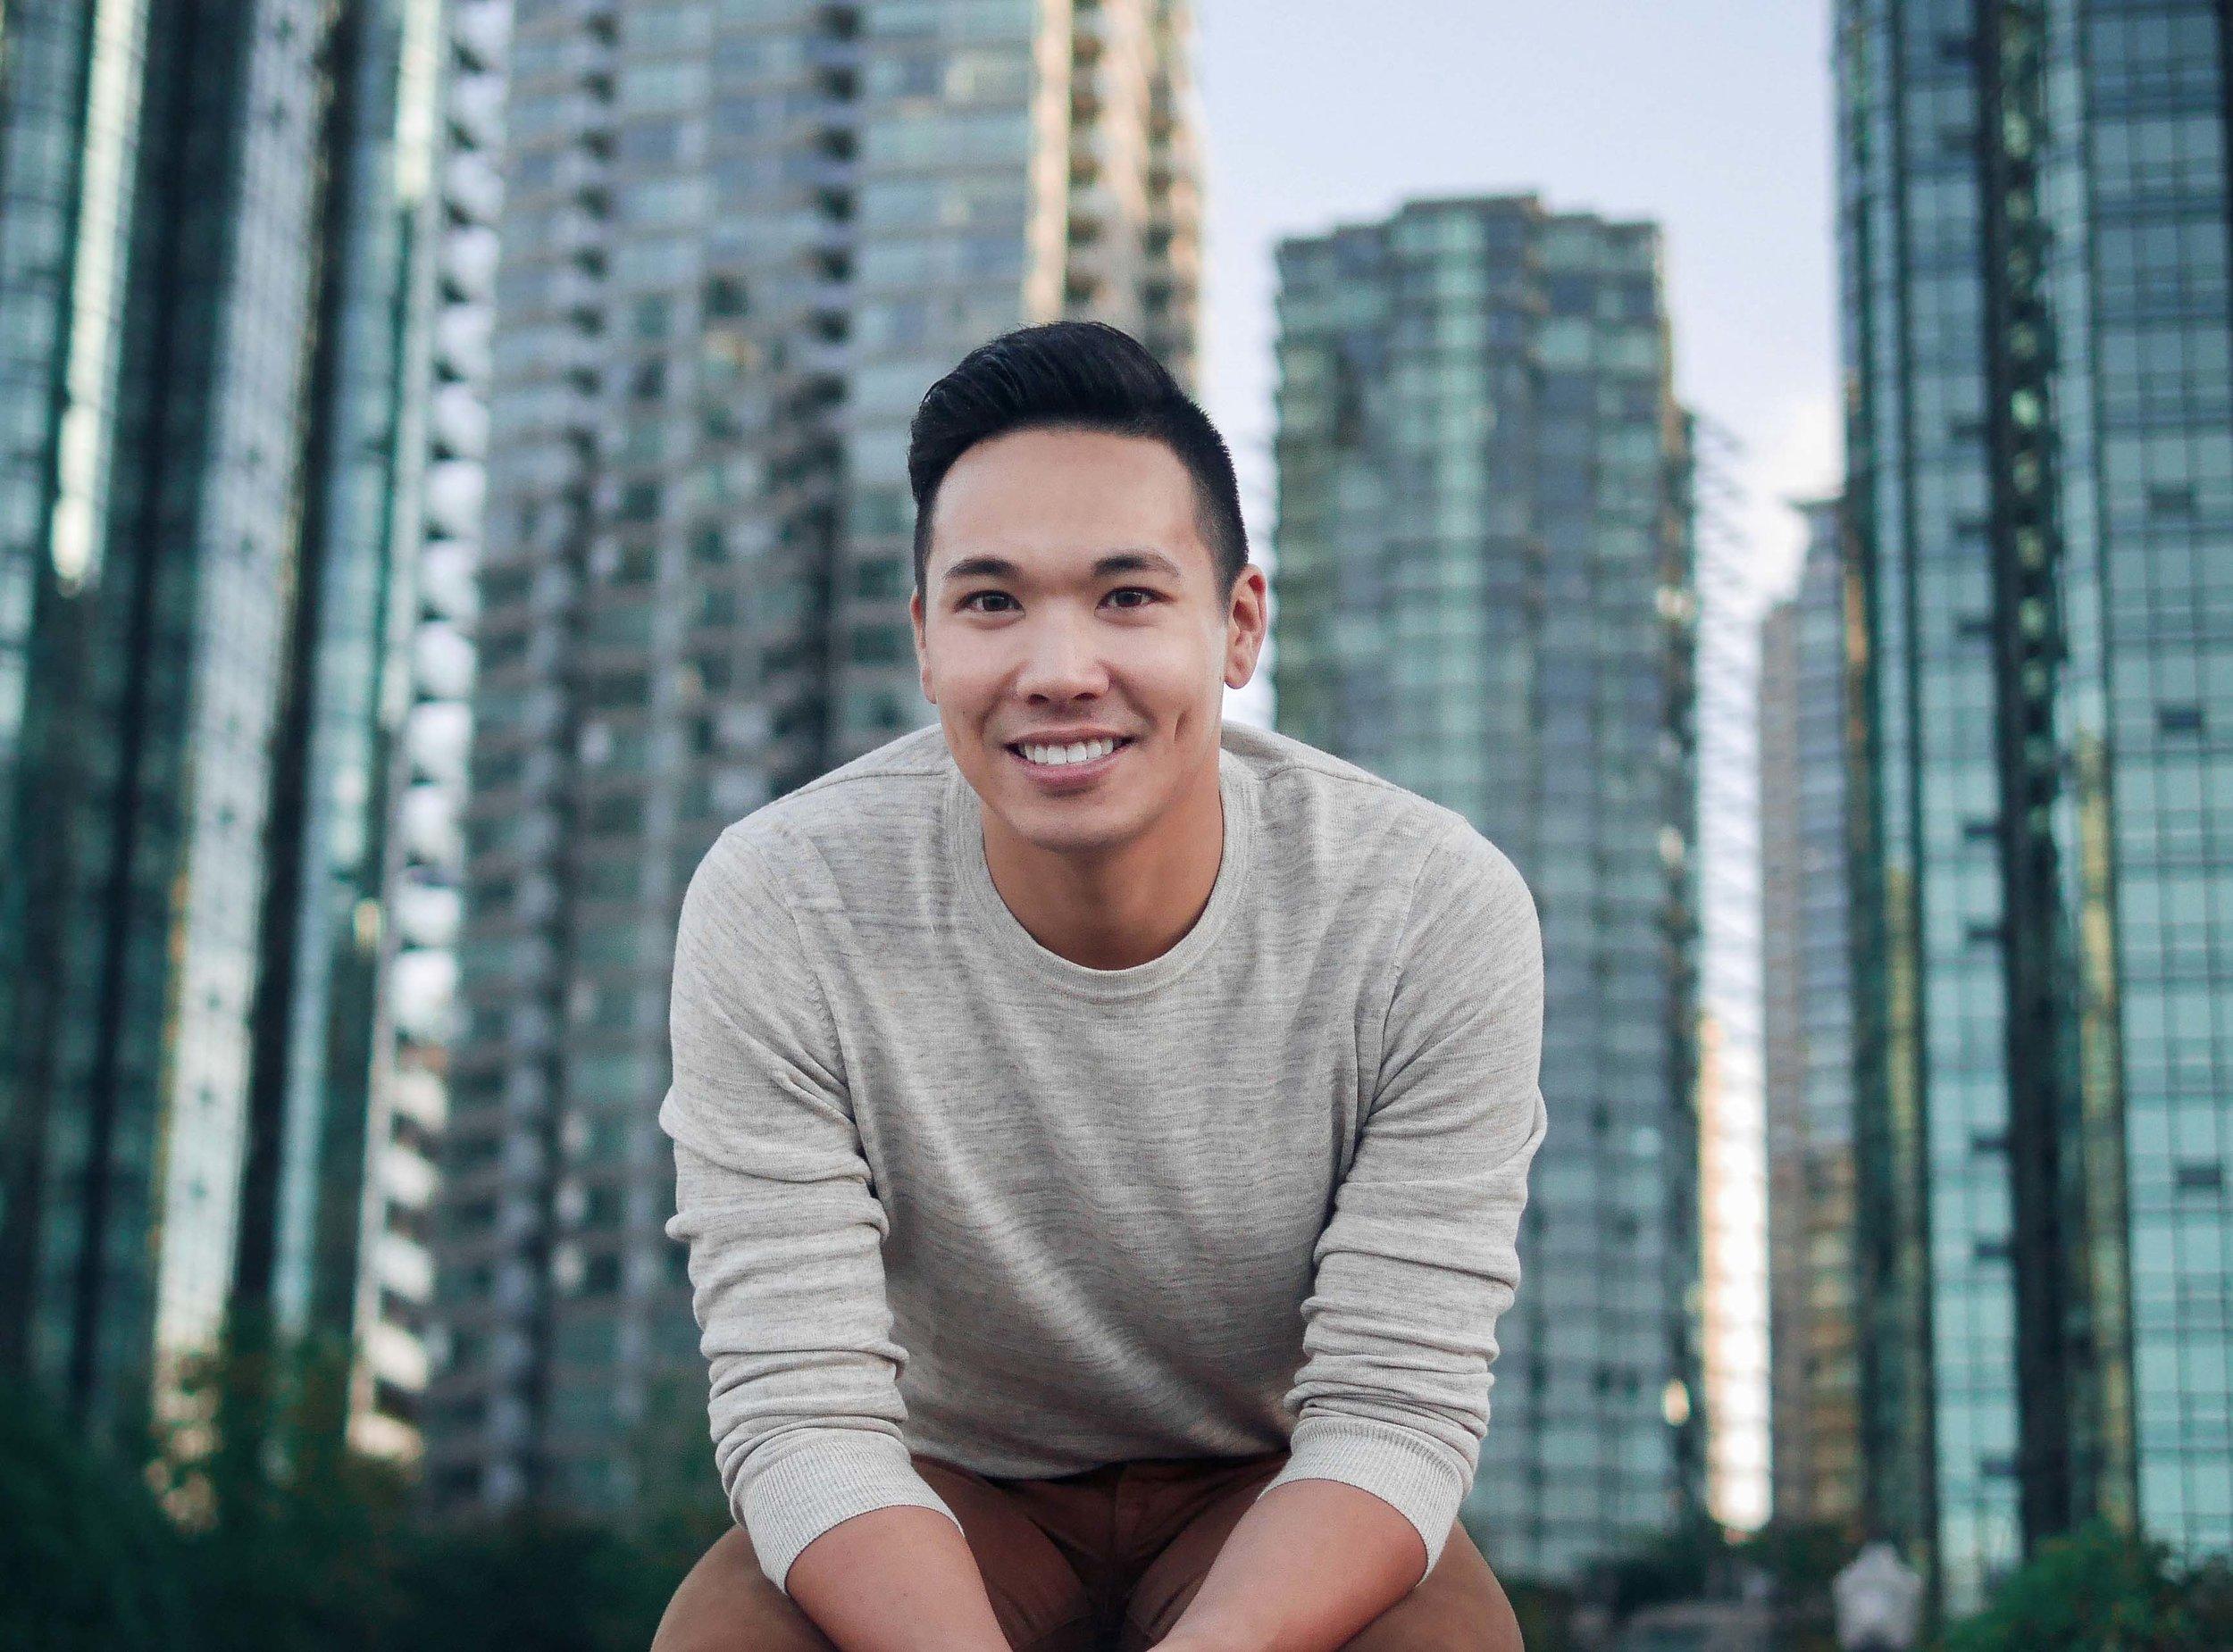 Vancouver Gay Portrait Photographer